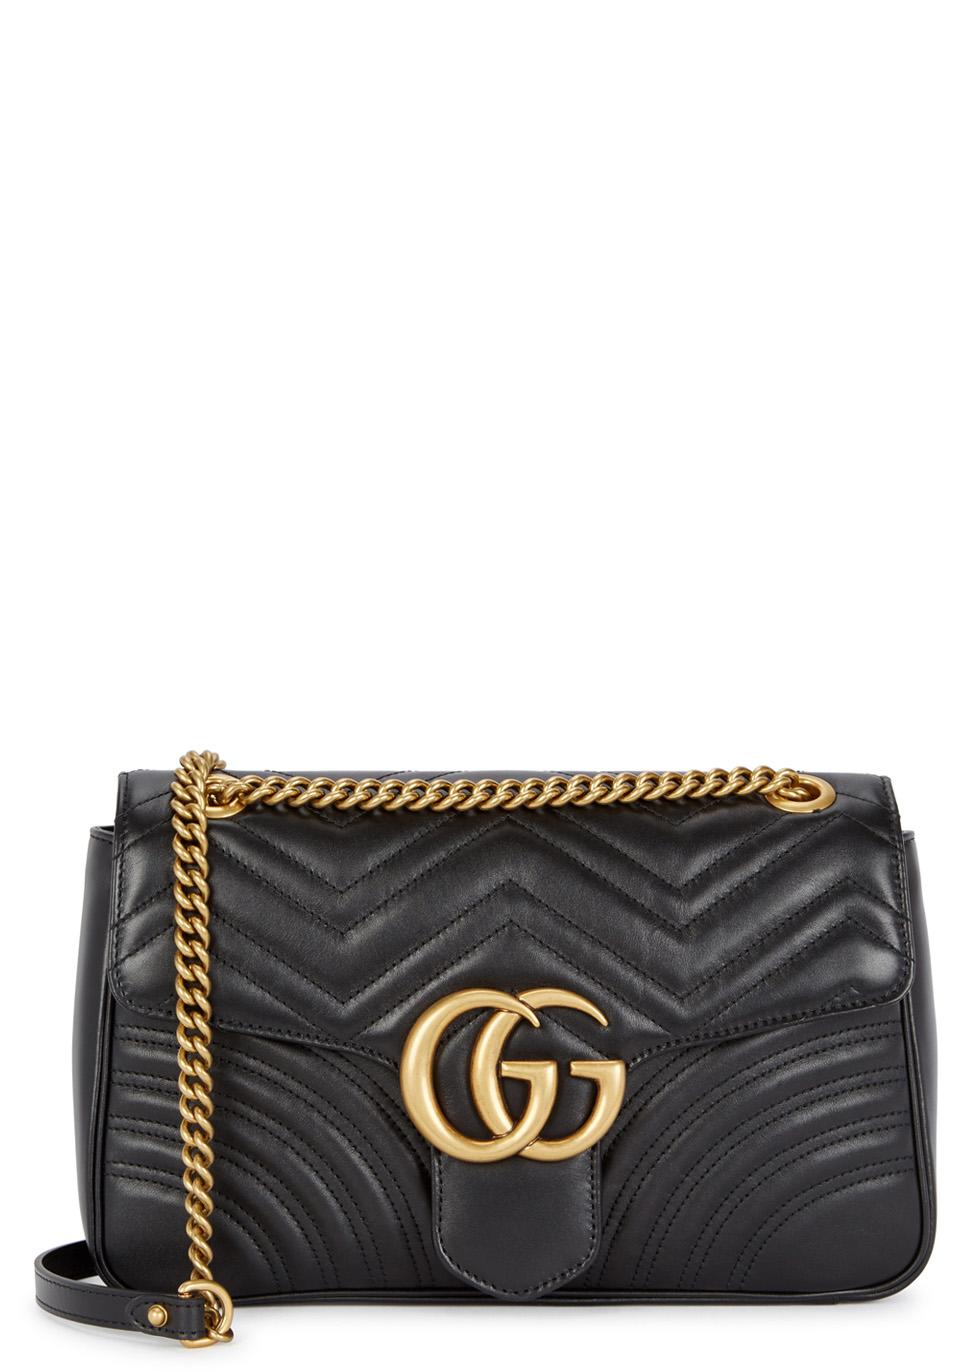 GG Marmont medium leather shoulder bag ...